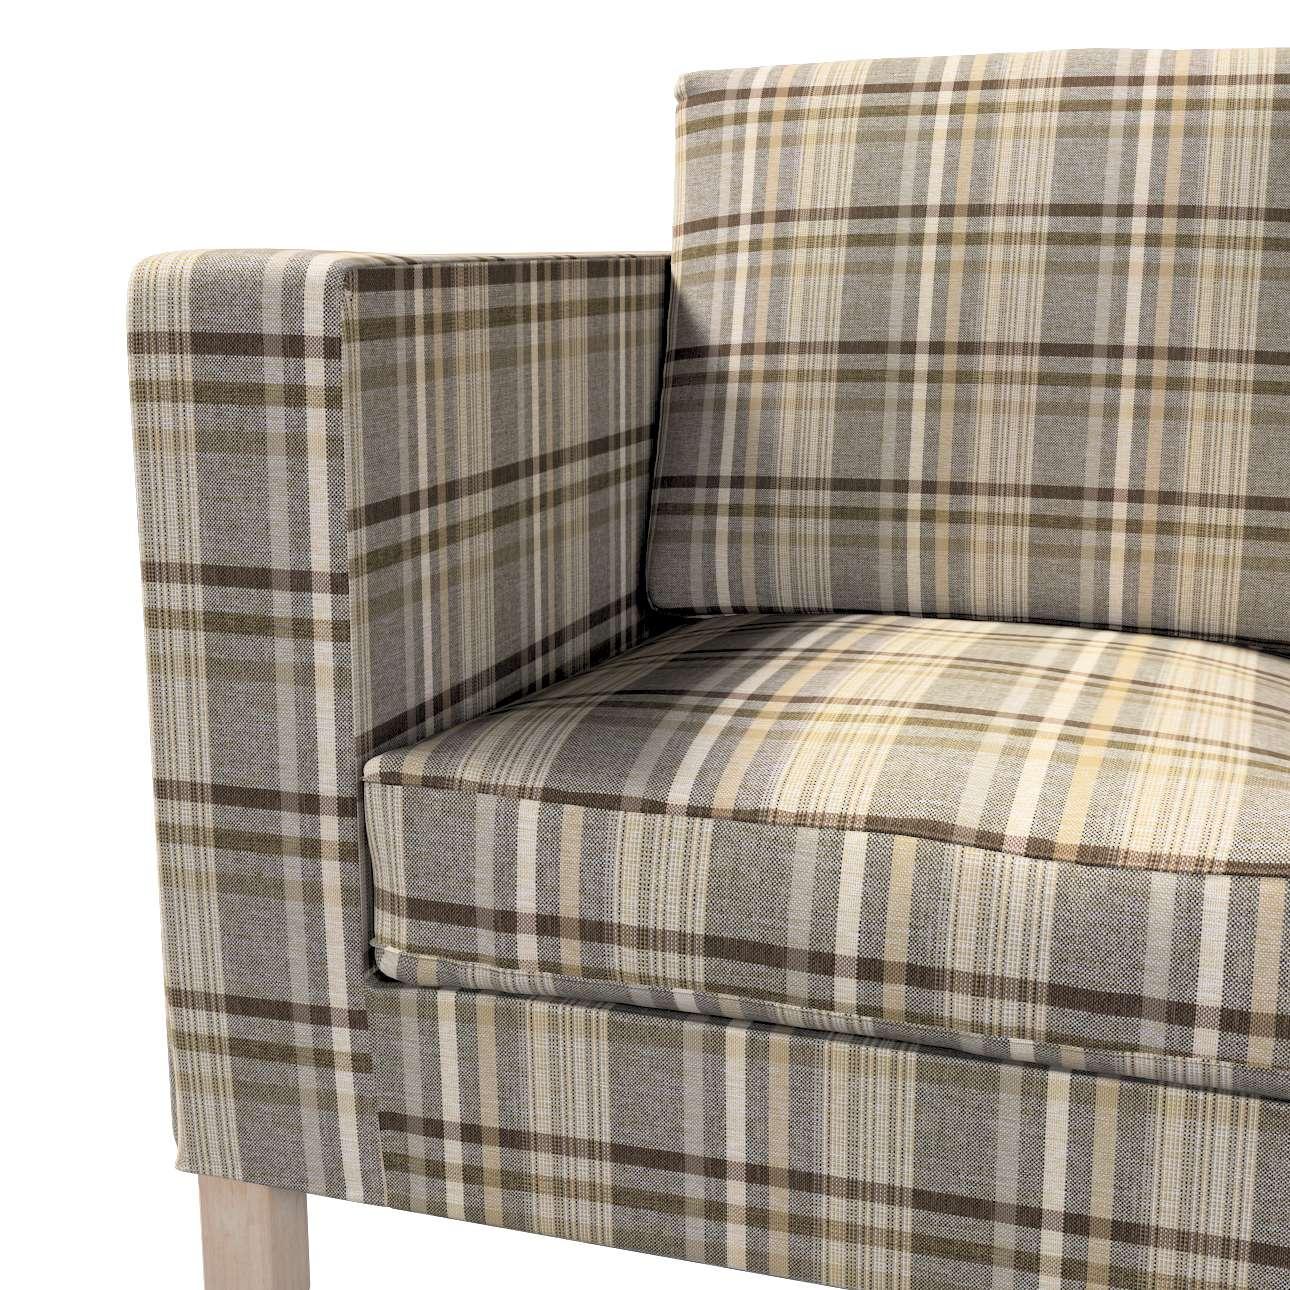 Pokrowiec na sofę Karlanda 2-osobową nierozkładaną, krótki w kolekcji Edinburgh, tkanina: 703-17